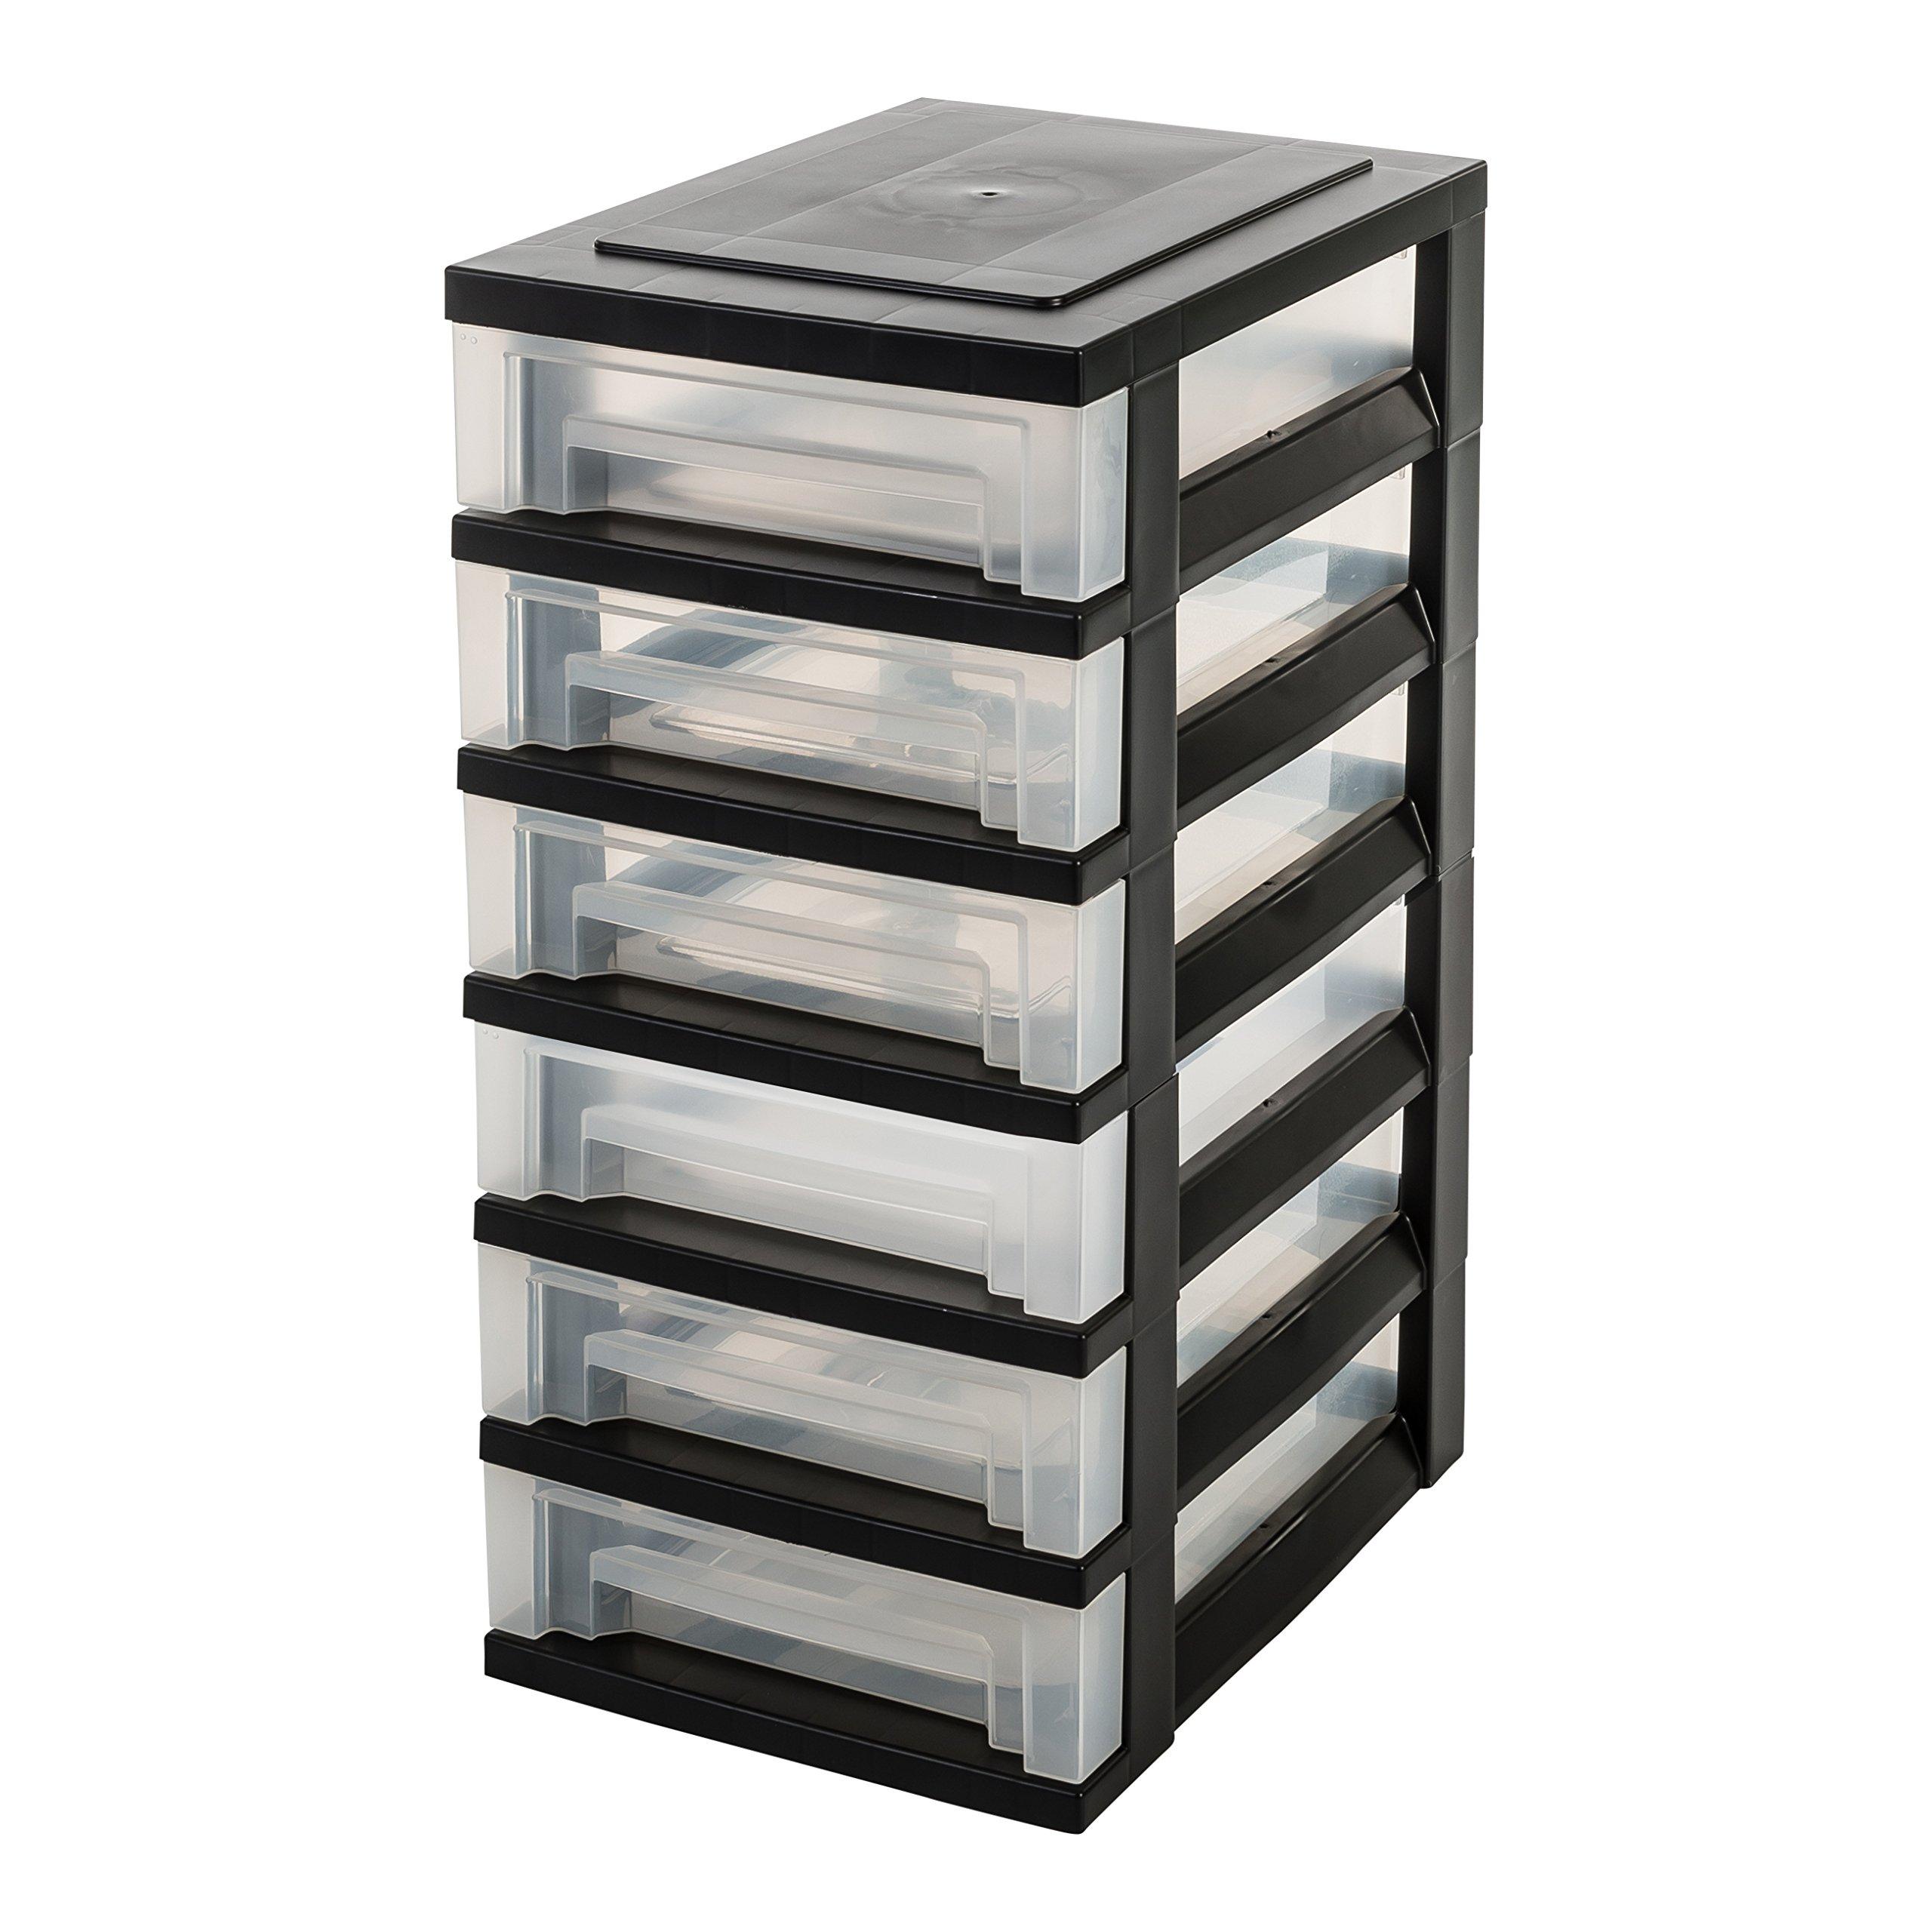 am besten bewertete produkte in der kategorie schubladenboxen. Black Bedroom Furniture Sets. Home Design Ideas